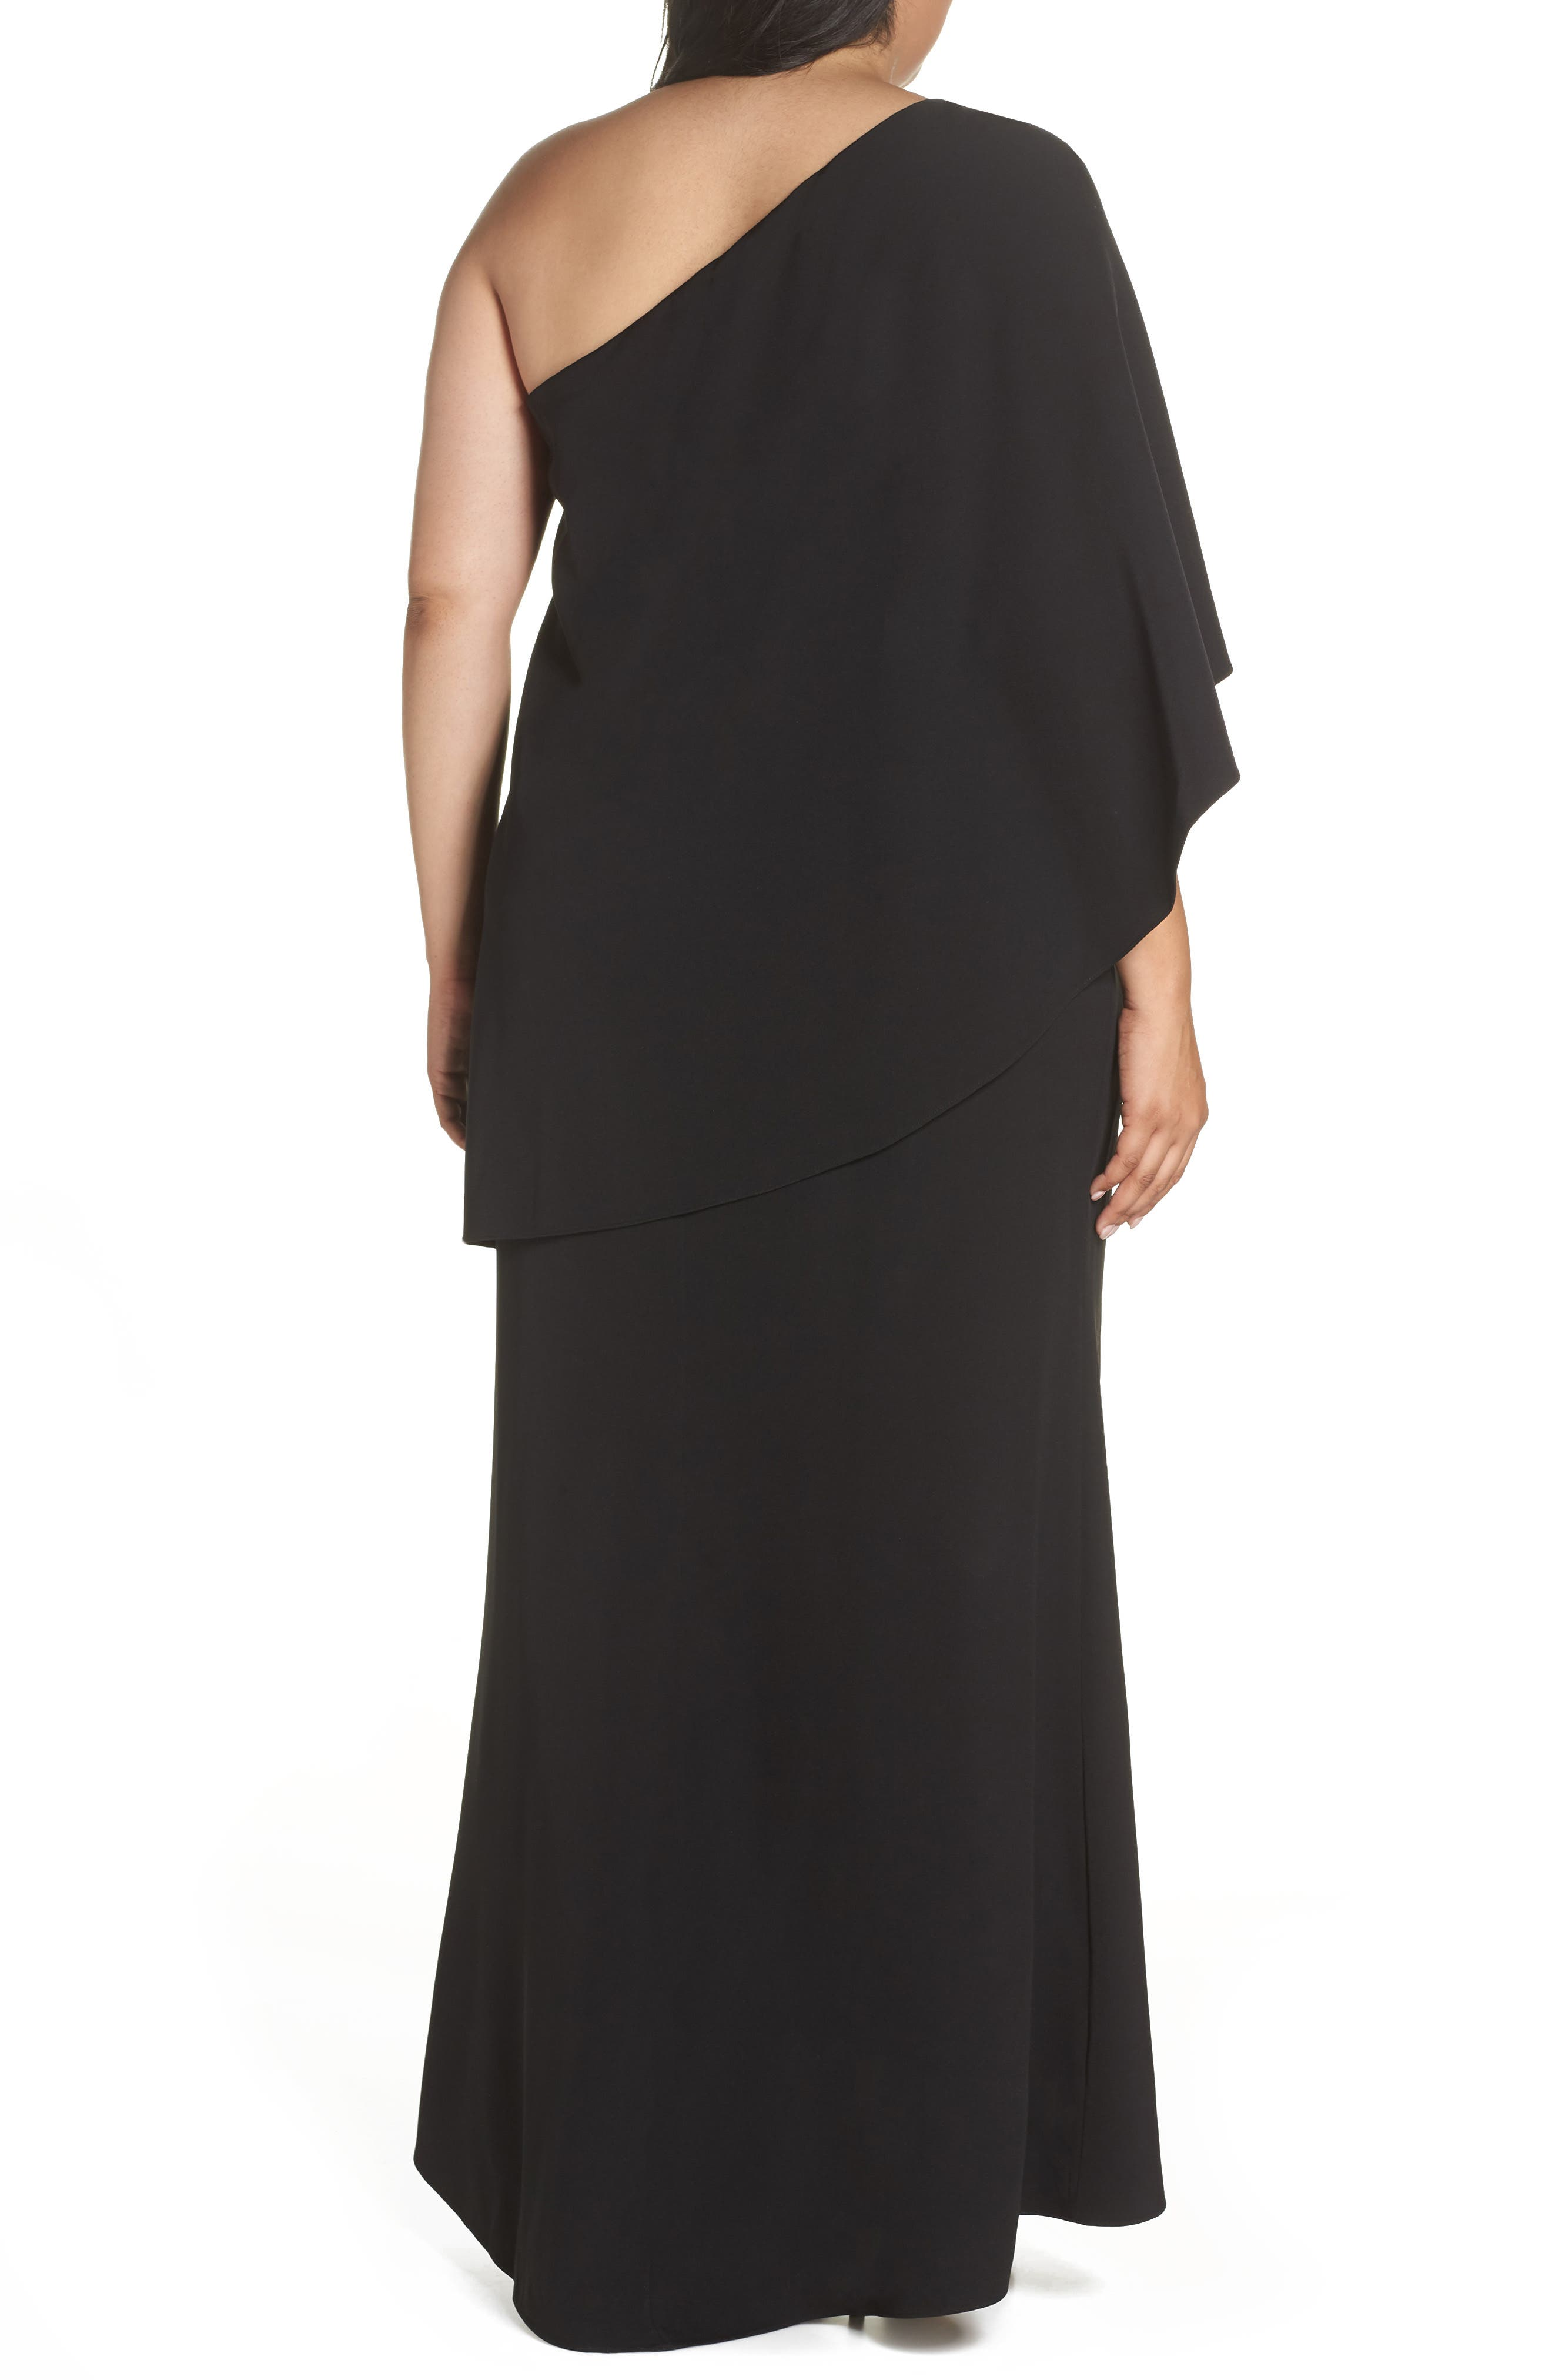 VINCE CAMUTO, One-Shoulder Cape Gown, Alternate thumbnail 2, color, BLACK